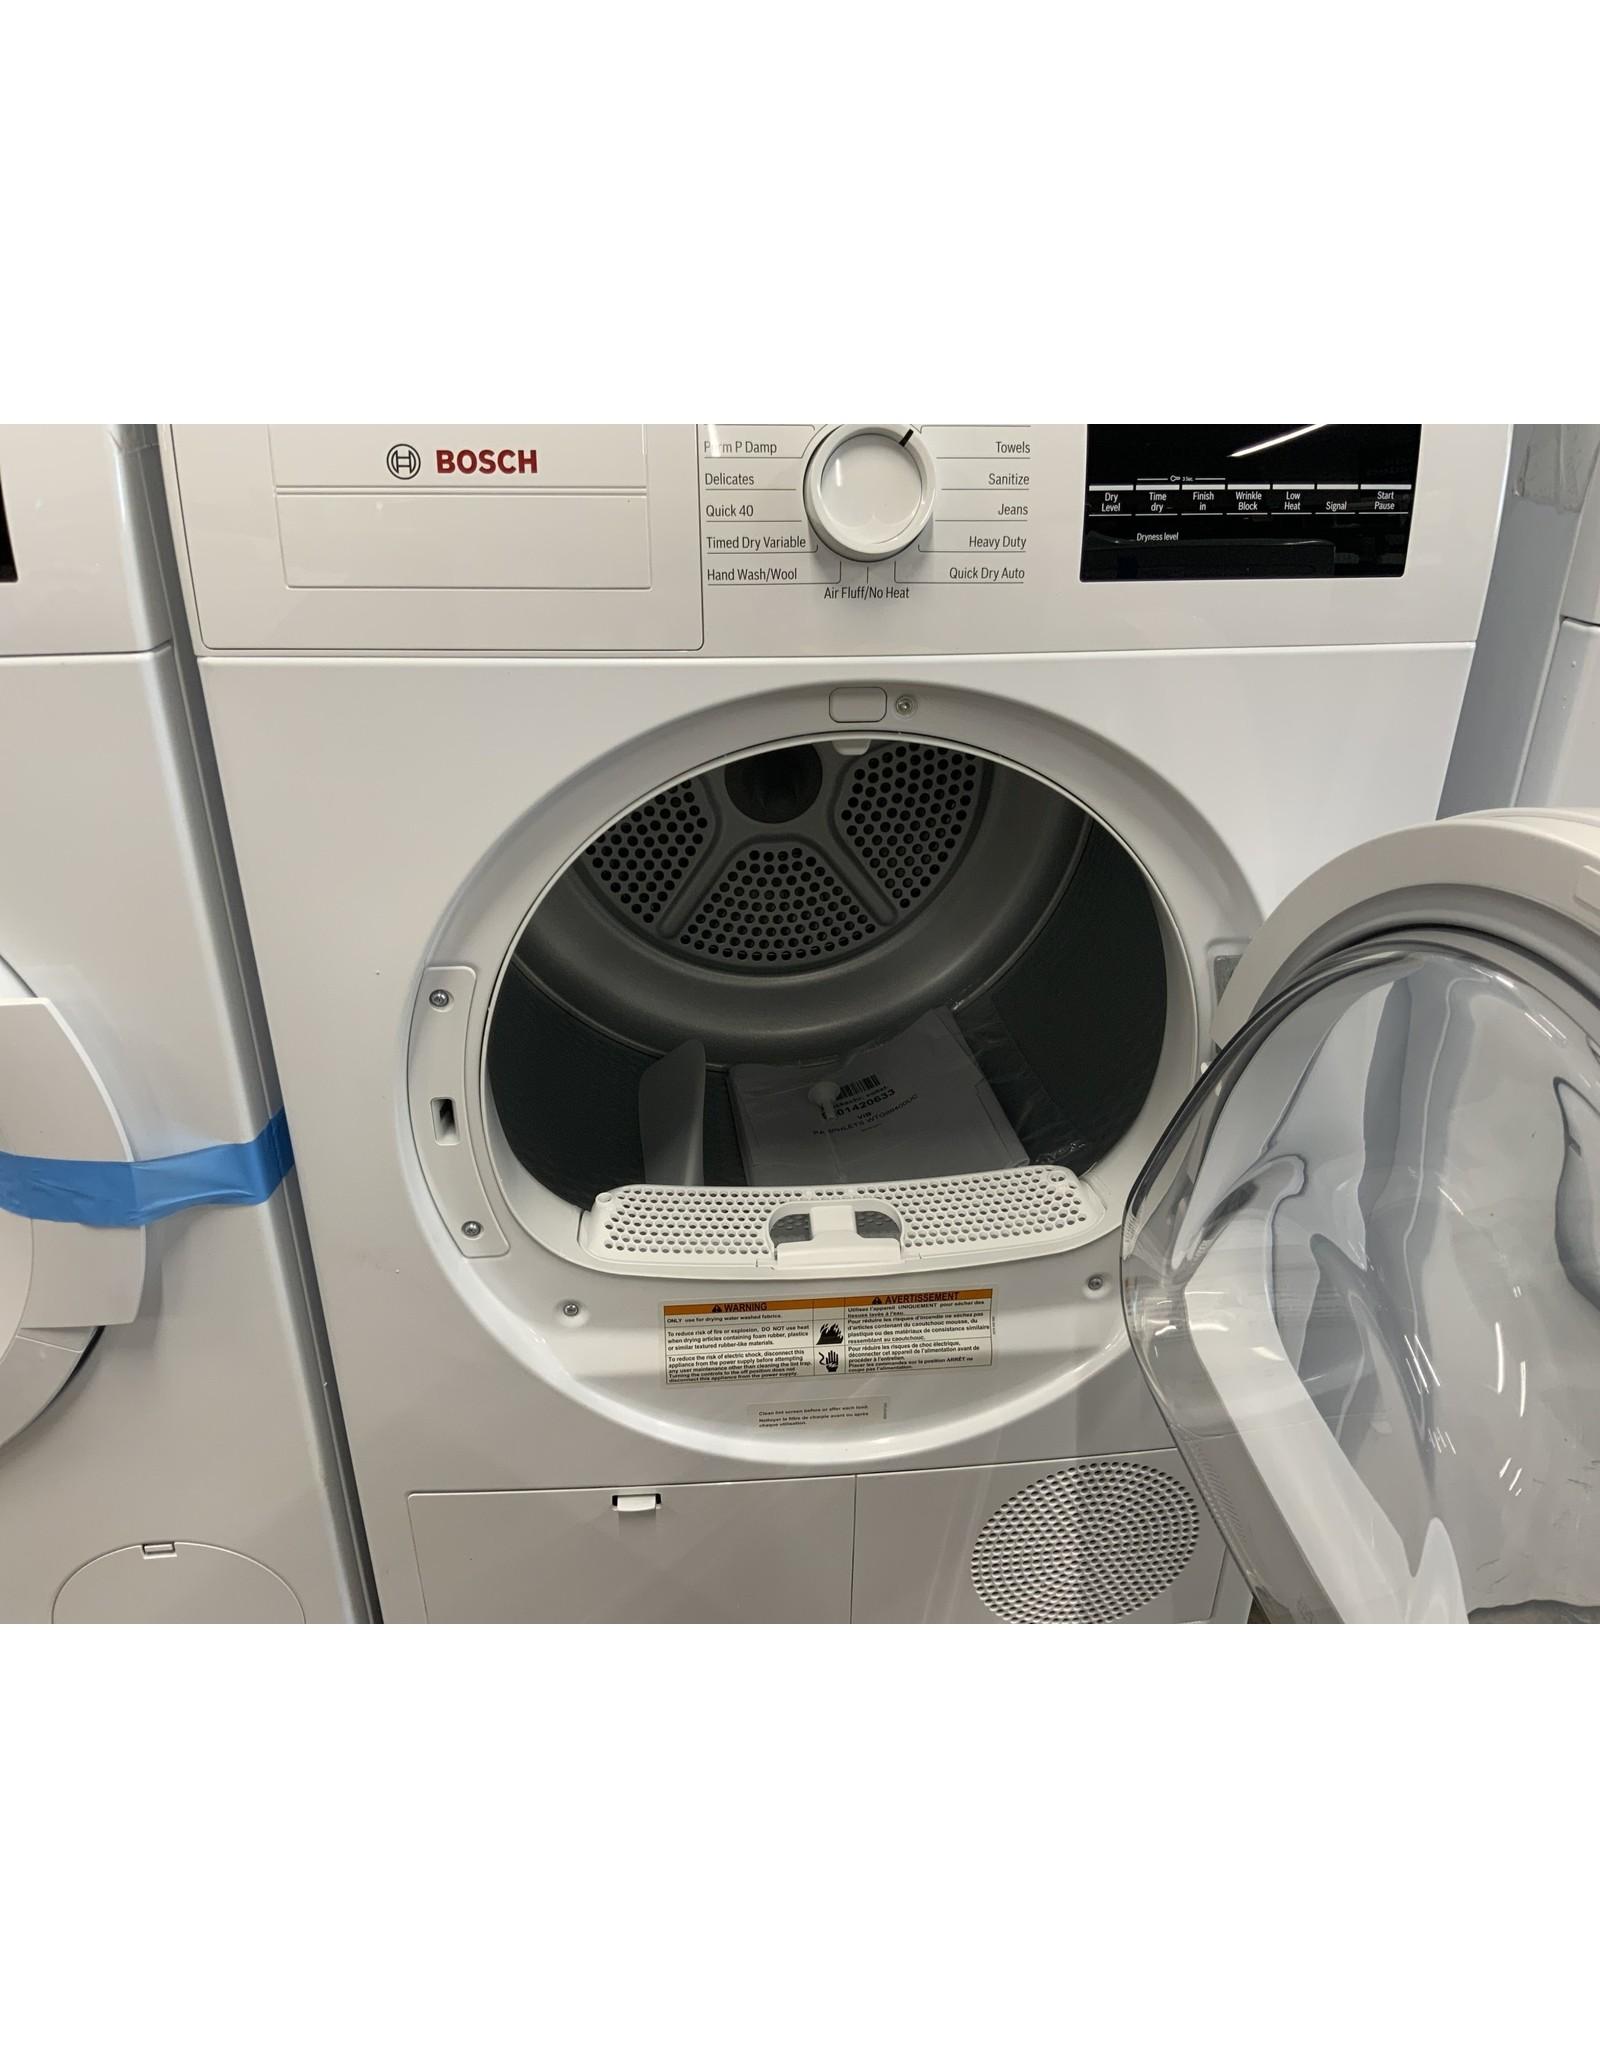 Bosch Bosch 300 Series Washer & Cond. Dryer.